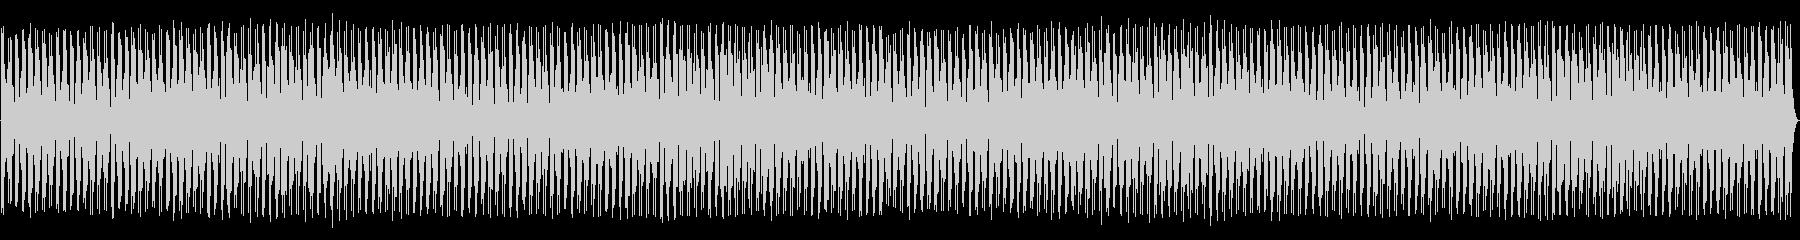 チェロ、ハープ、ストリングスからの...の未再生の波形